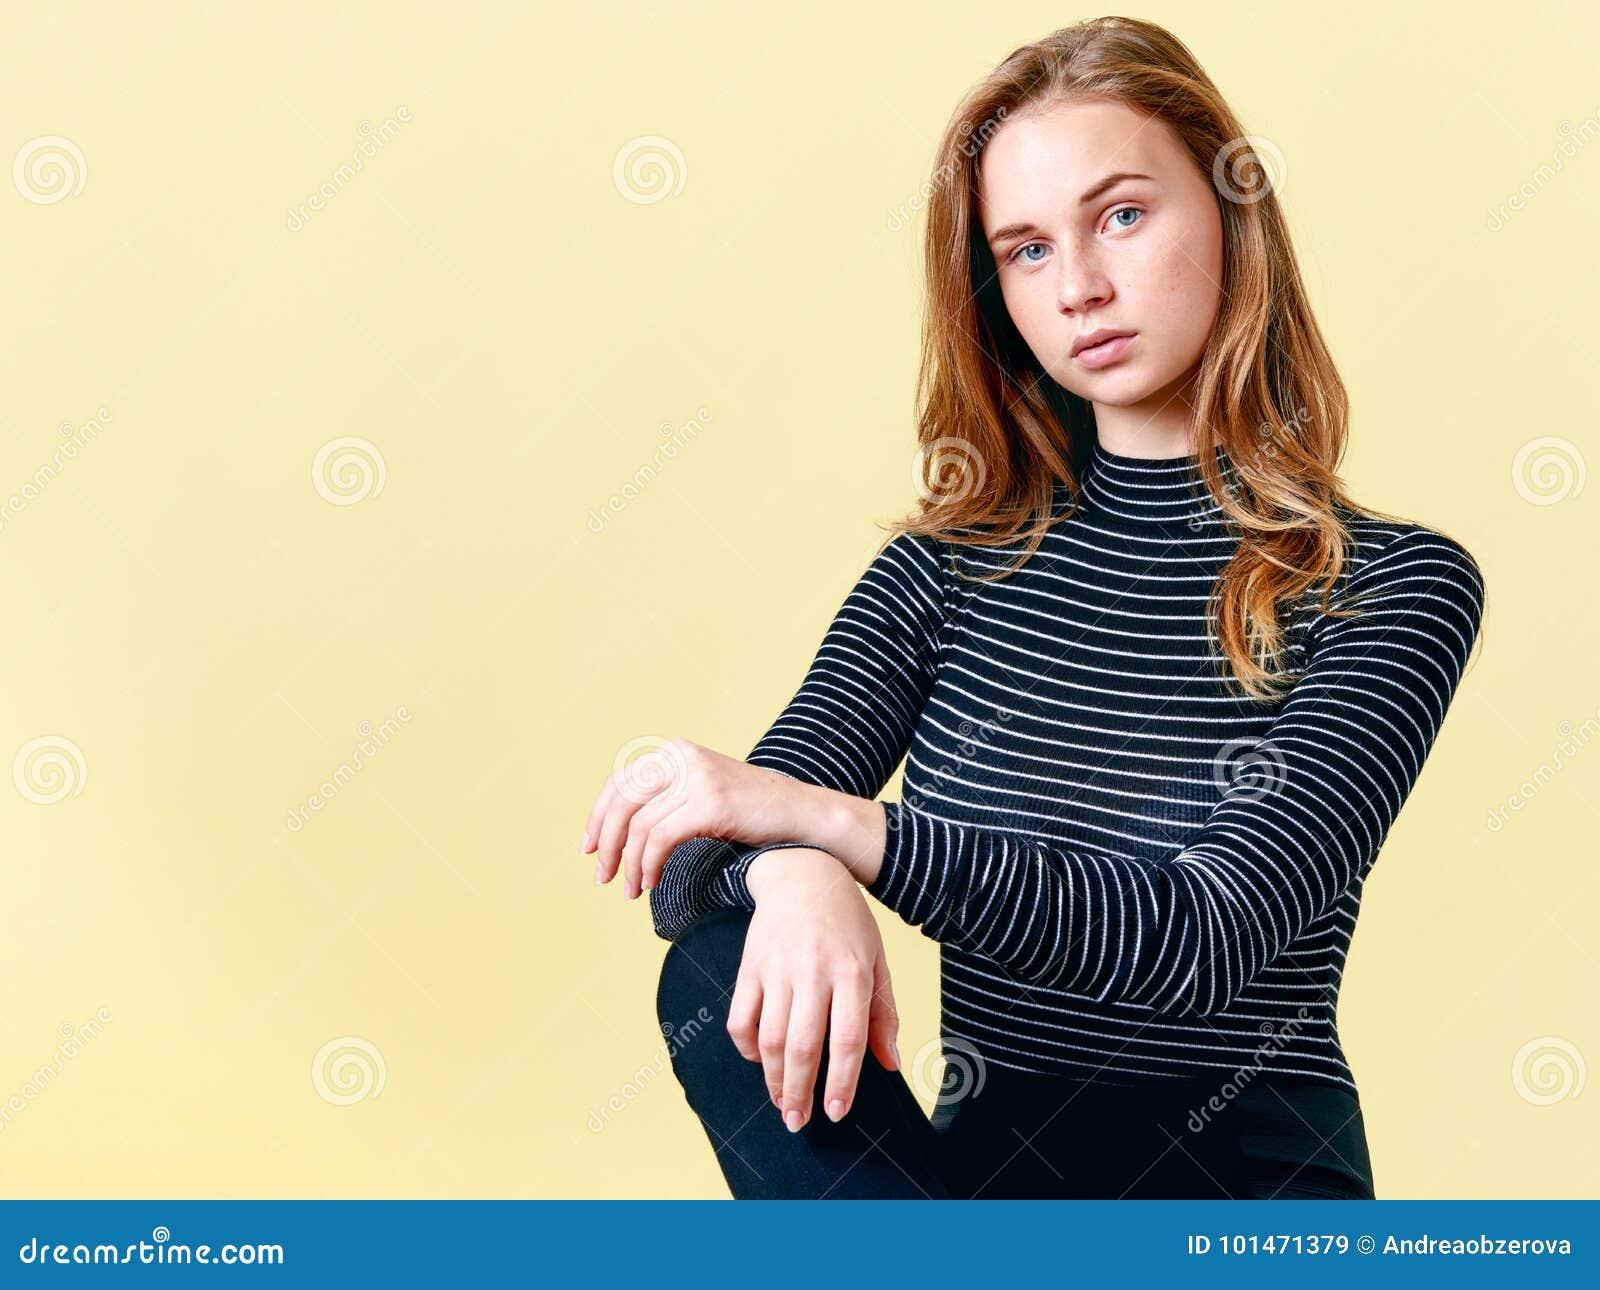 Ο όμορφος redhead έφηβος με τις φακίδες που θέτουν για το πορτρέτο μόδας, κρητιδογραφία χρωματίζει το υπόβαθρο πανέμορφες νεολαίε